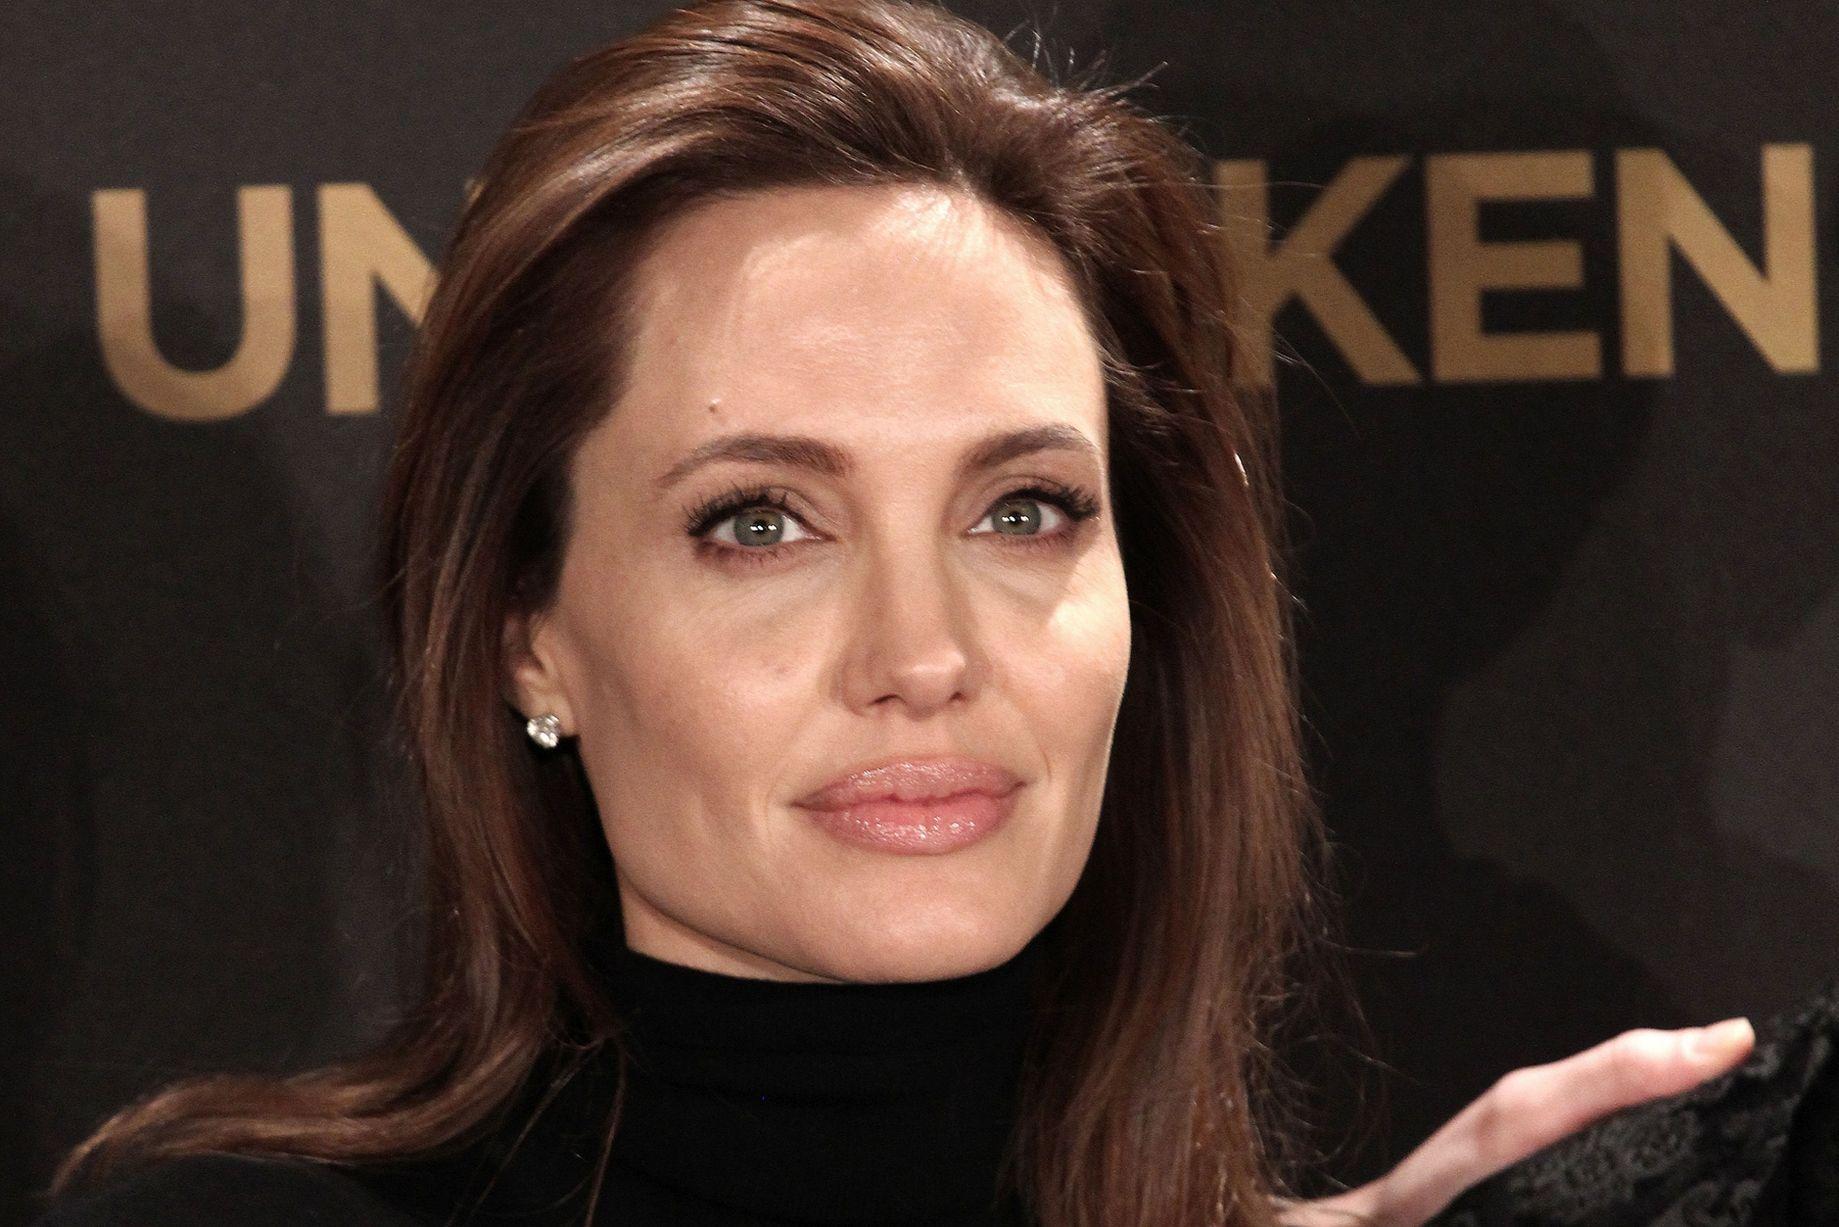 Angelina-Jolie-Undergoes-Surgery